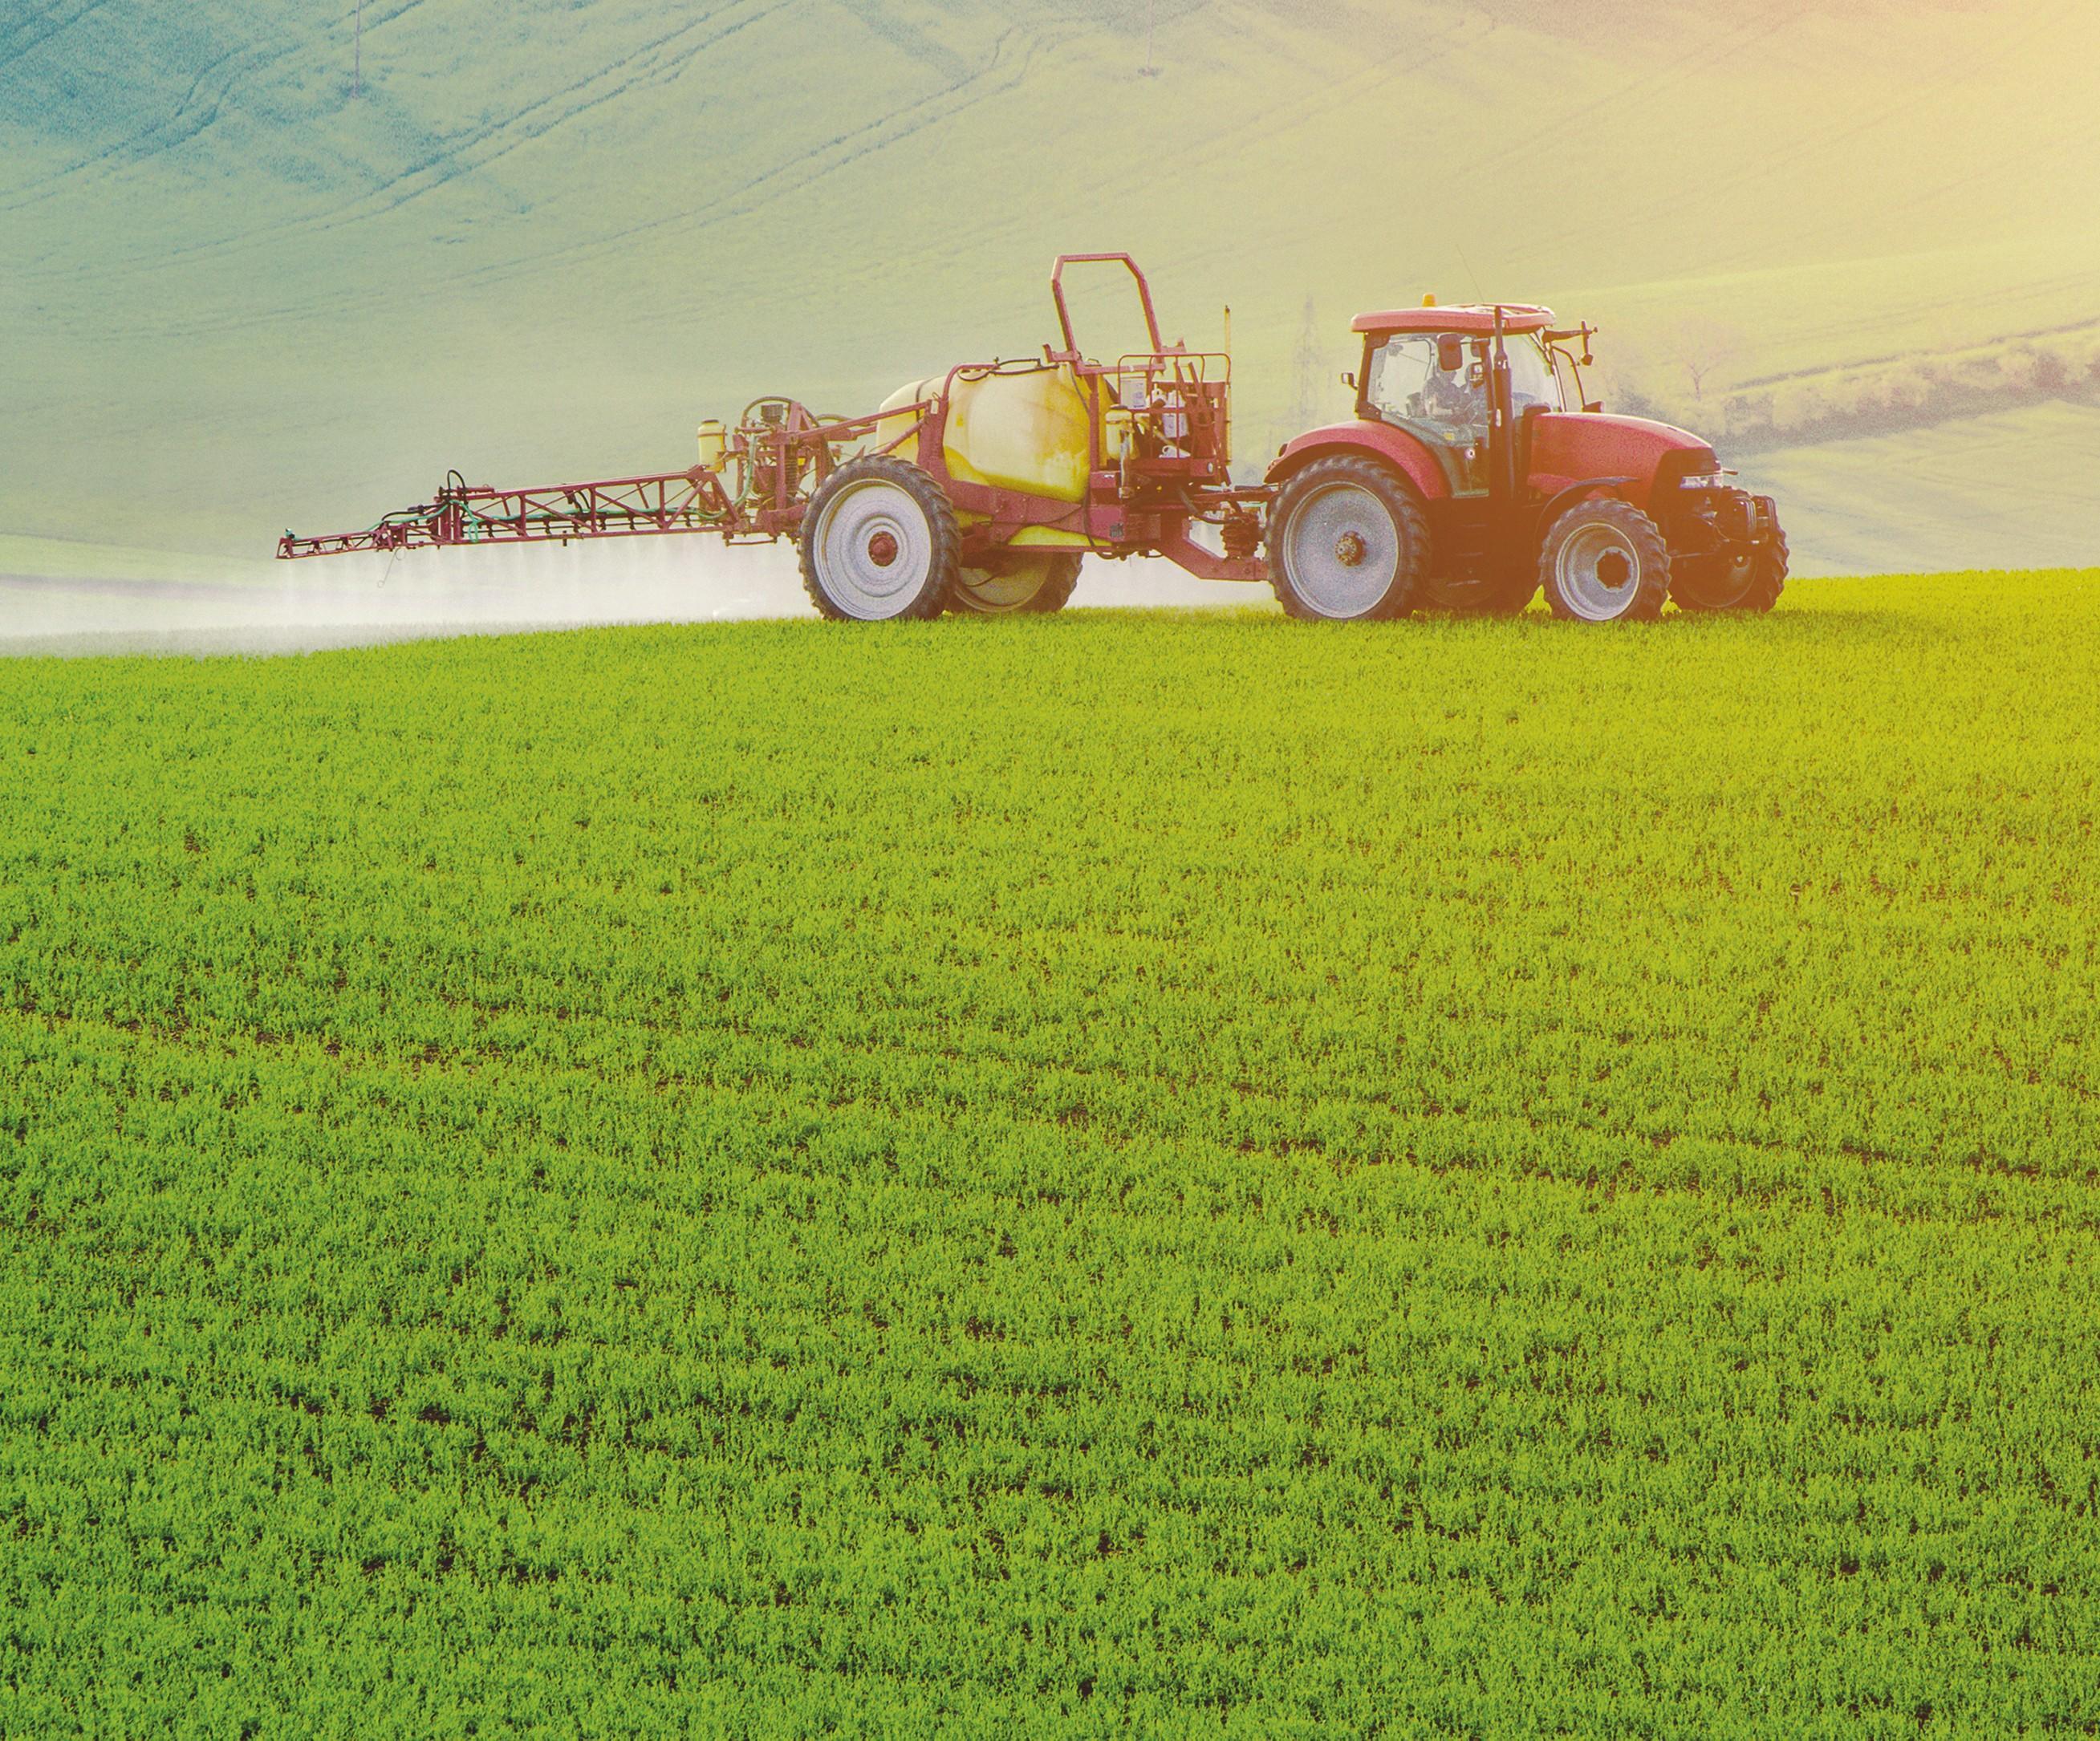 Épendage de pesticides sur un champ de colza.